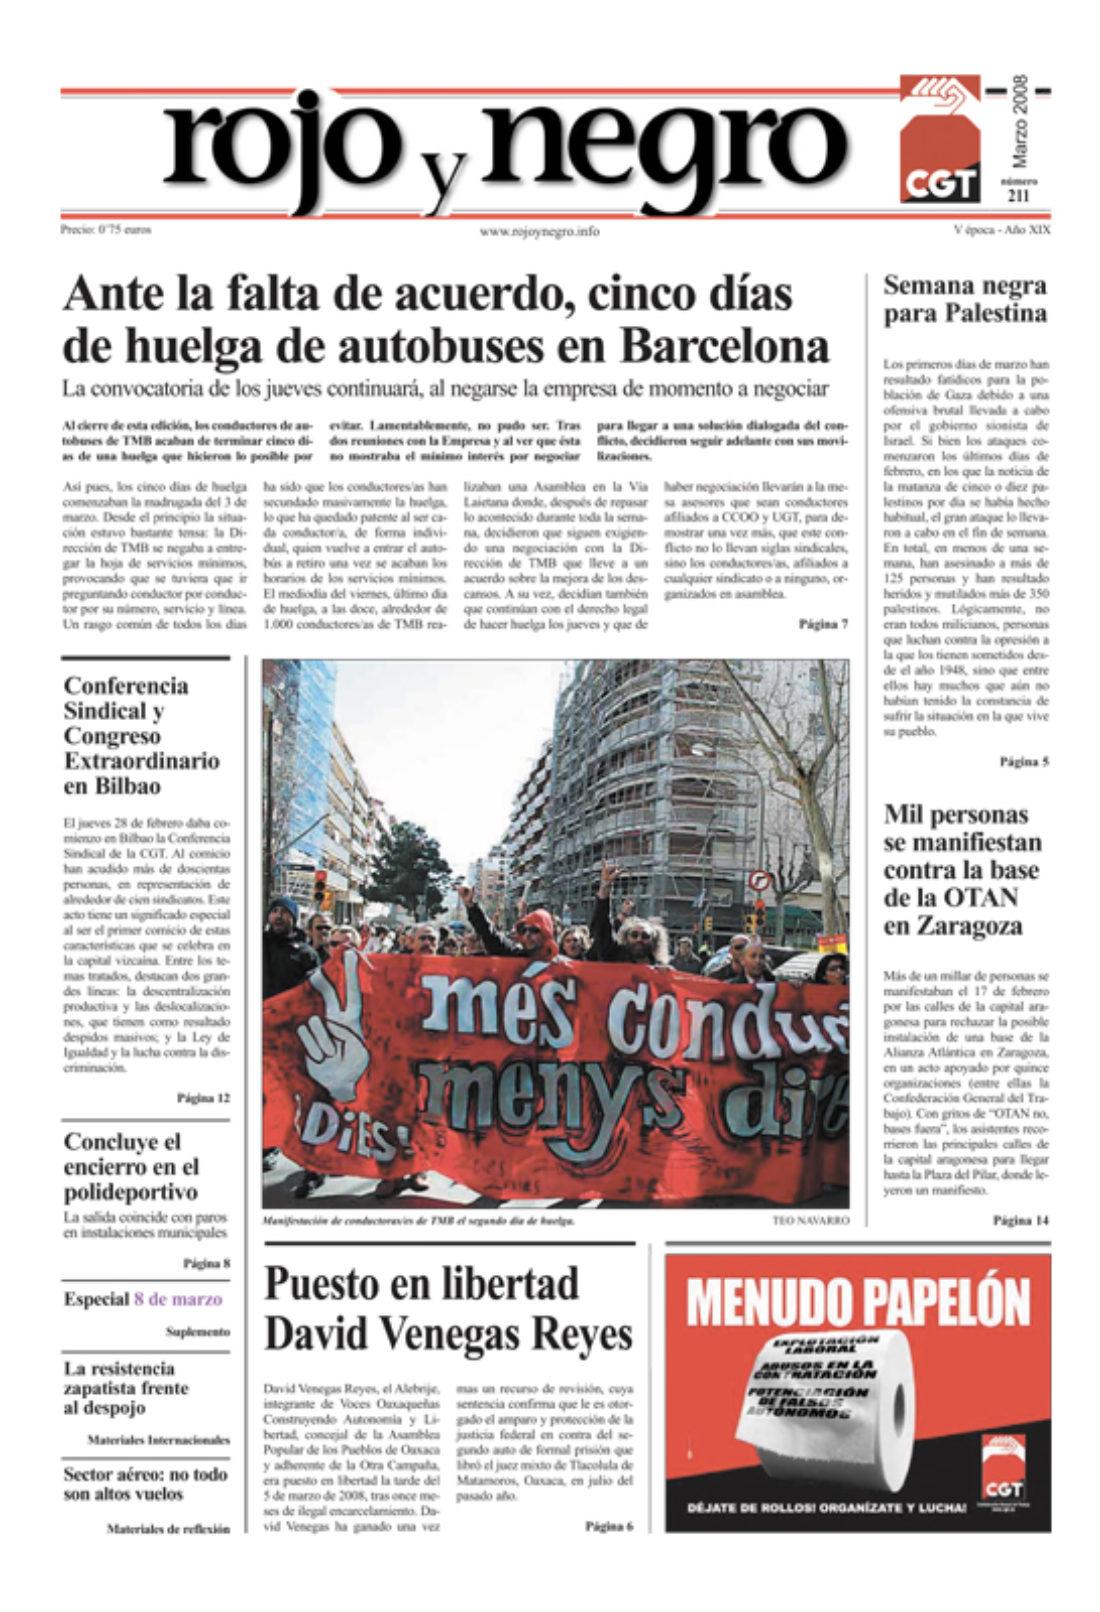 Rojo y Negro 211 – marzo 2008